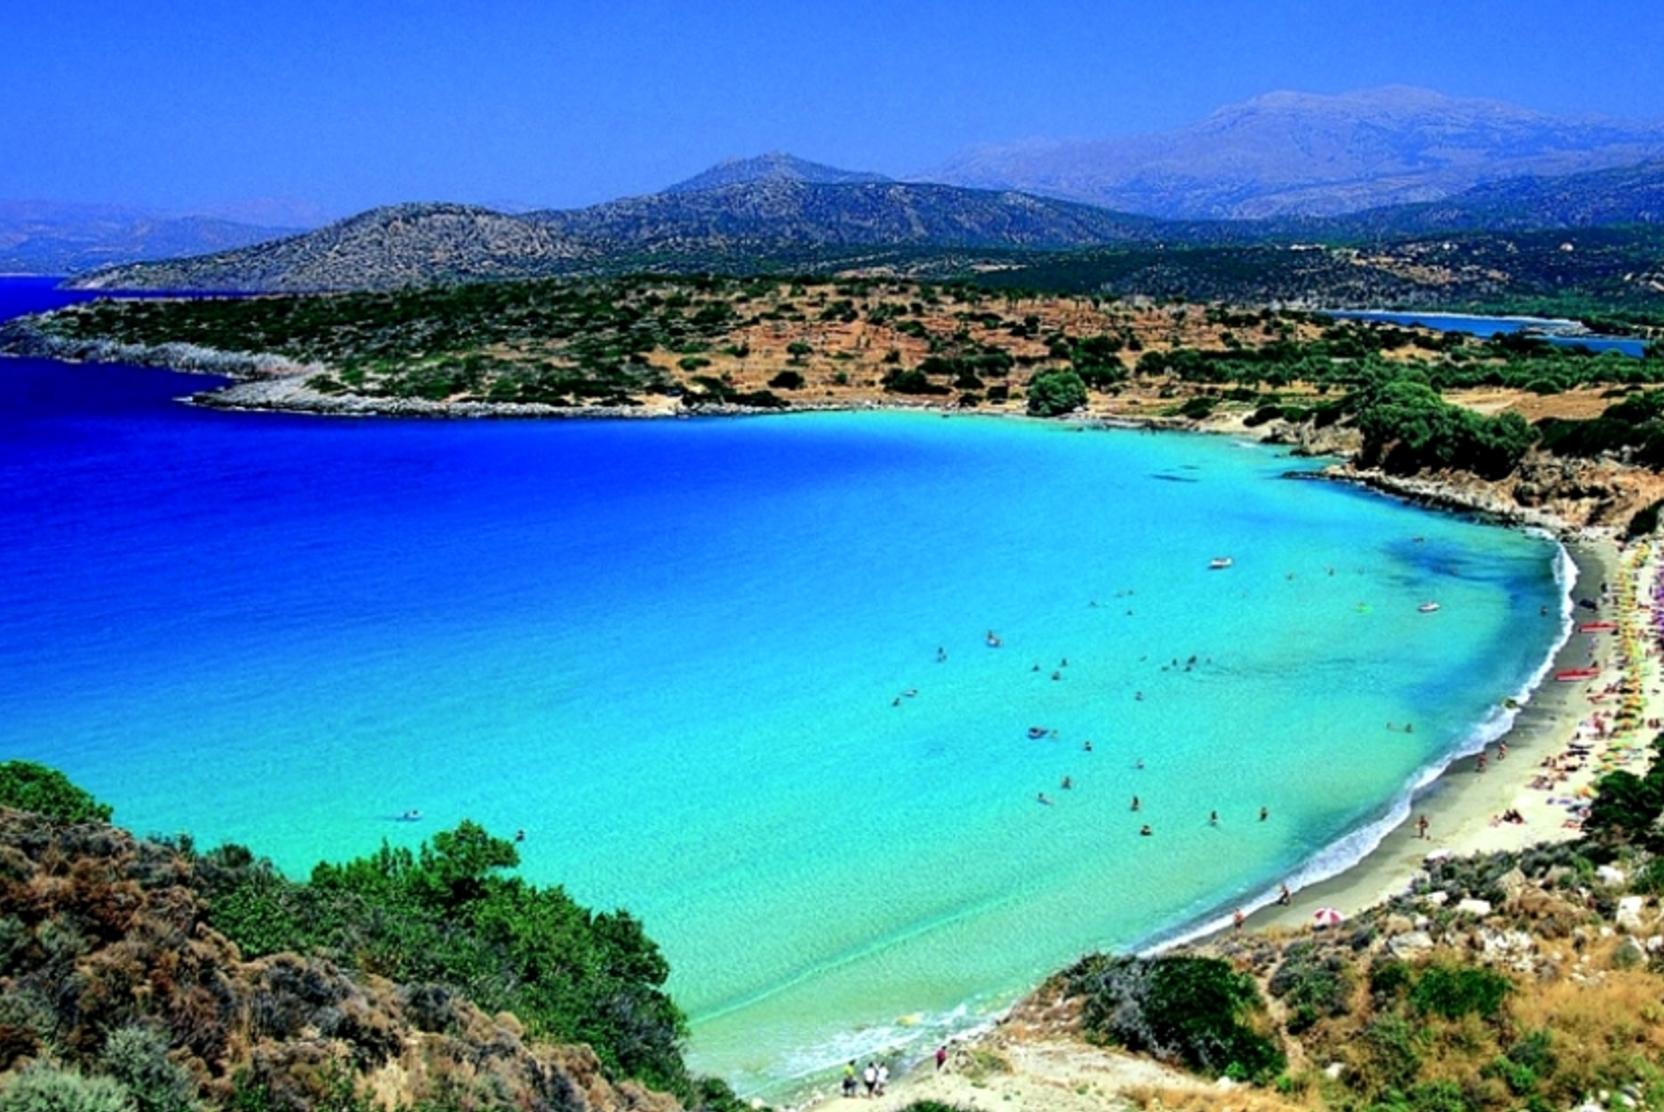 Российские туристы не смогут посетить Кипр в марте